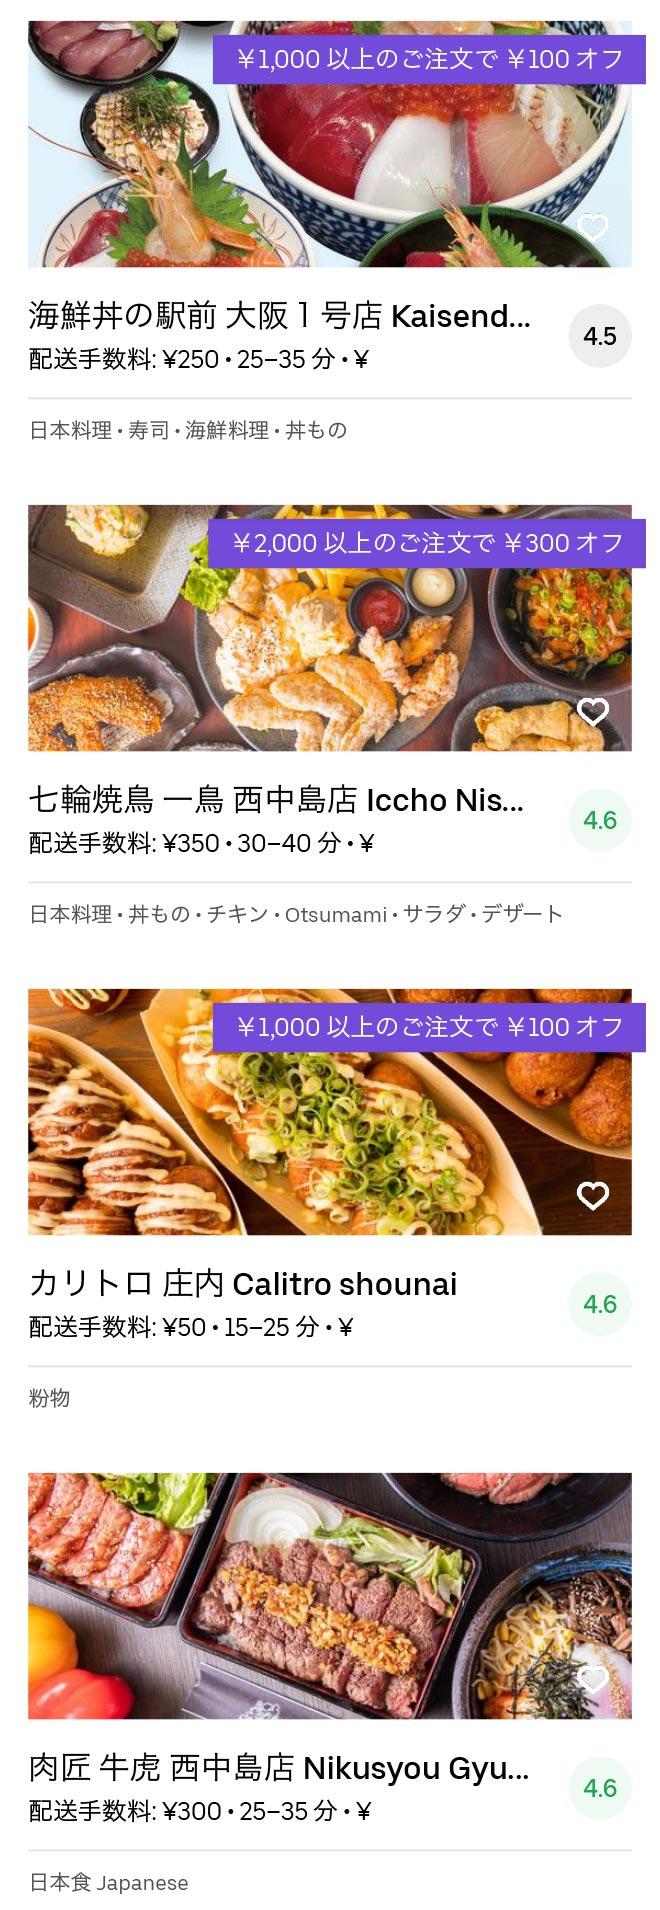 Toyonaka shounai menu 2005 08